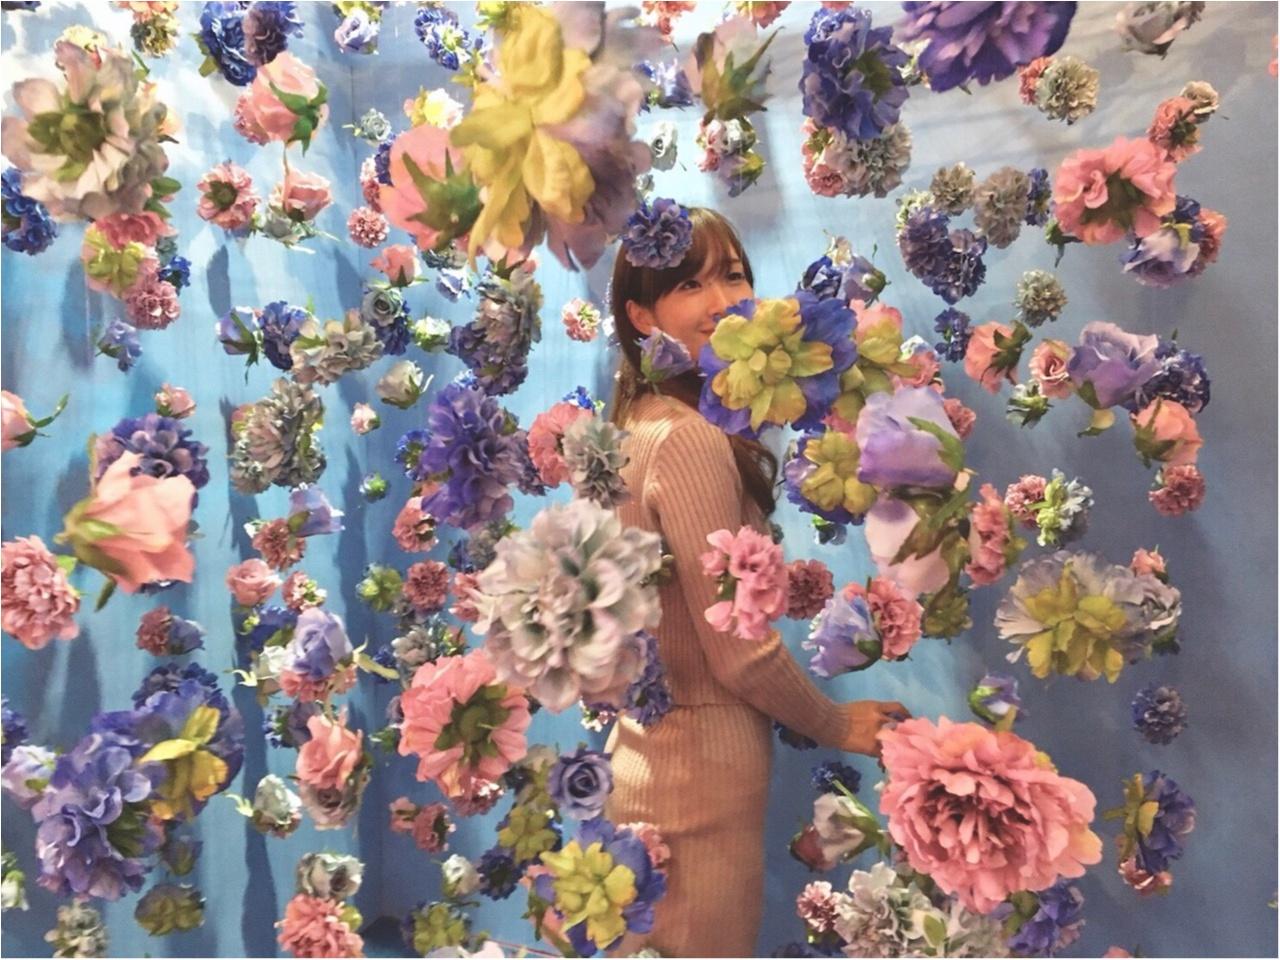 カメラ女子必見! あの、フォトジェニック・アート展『VINYL MUSEUM(ビニール・ミュージアム)』が、さらに可愛くなって帰ってきた!!_1_2